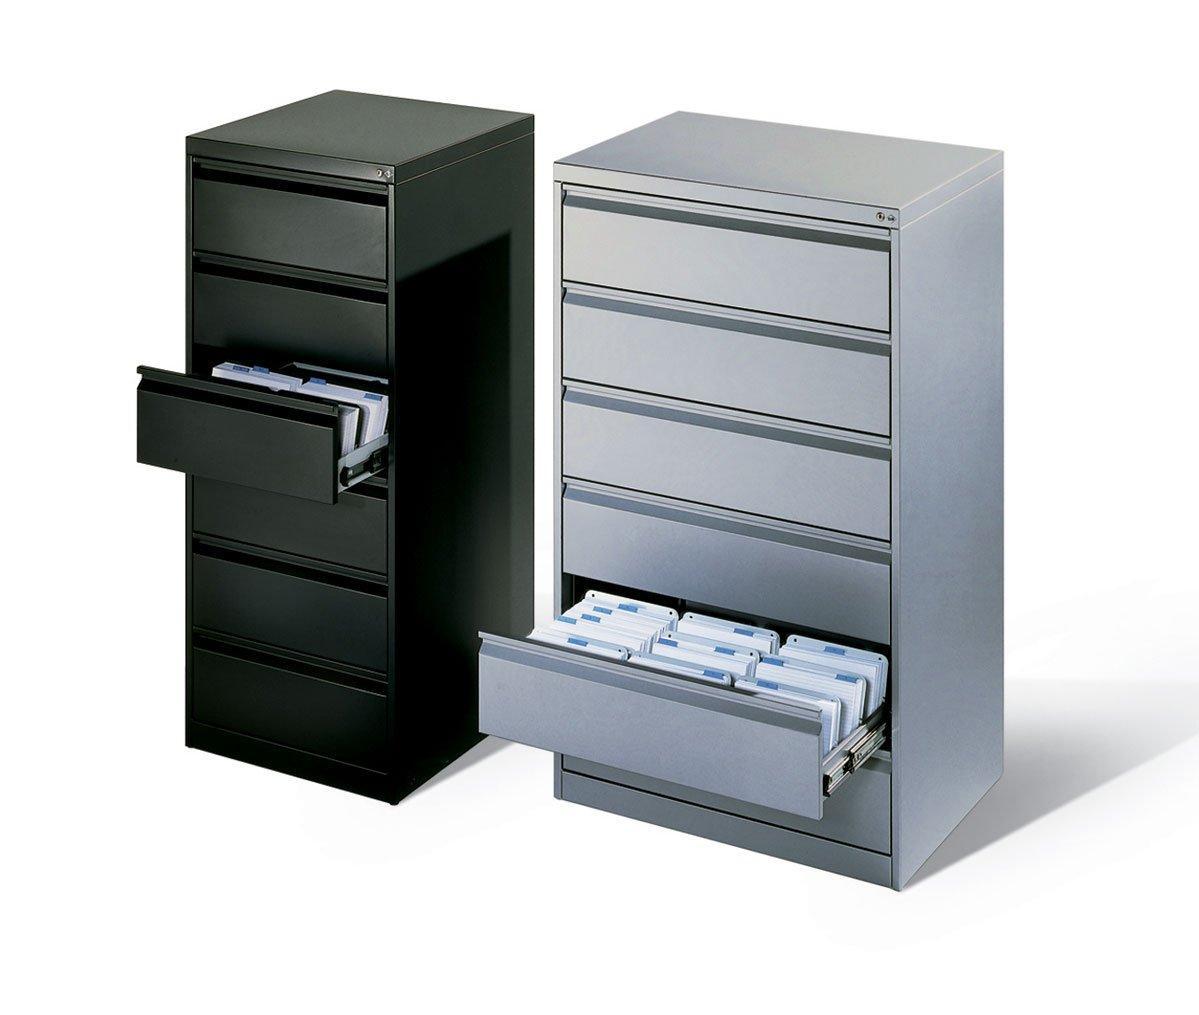 meuble pour dossiers suspendus blum. Black Bedroom Furniture Sets. Home Design Ideas